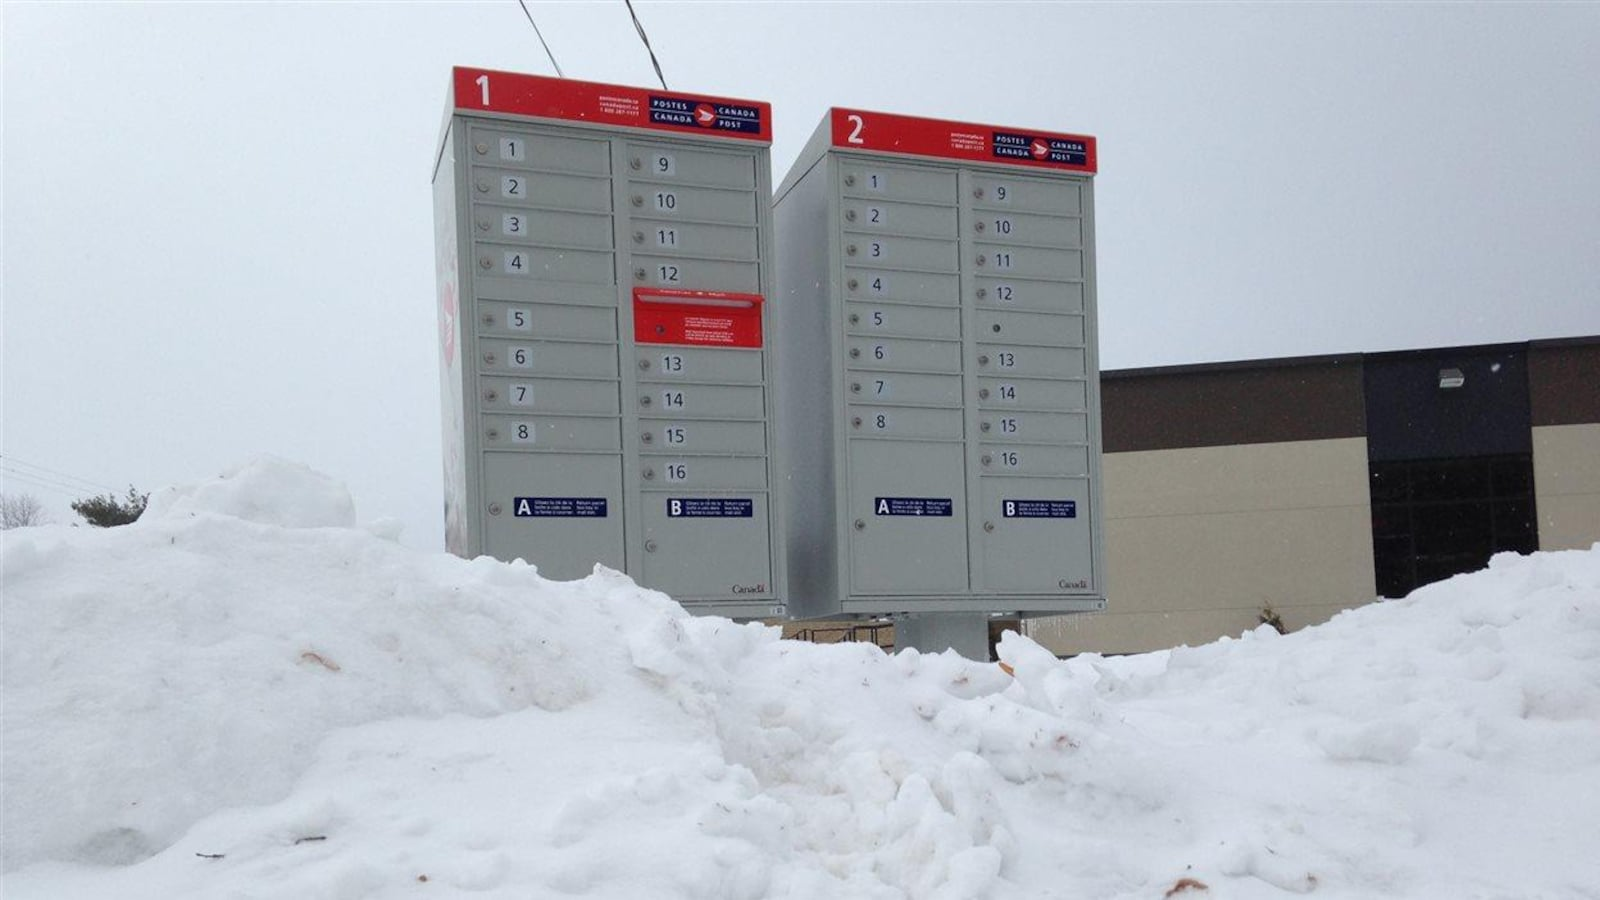 Des citoyens de la municipalité de Preissac se plaignent d'actes de vandalisme contre leurs boîtes postales communautaires.